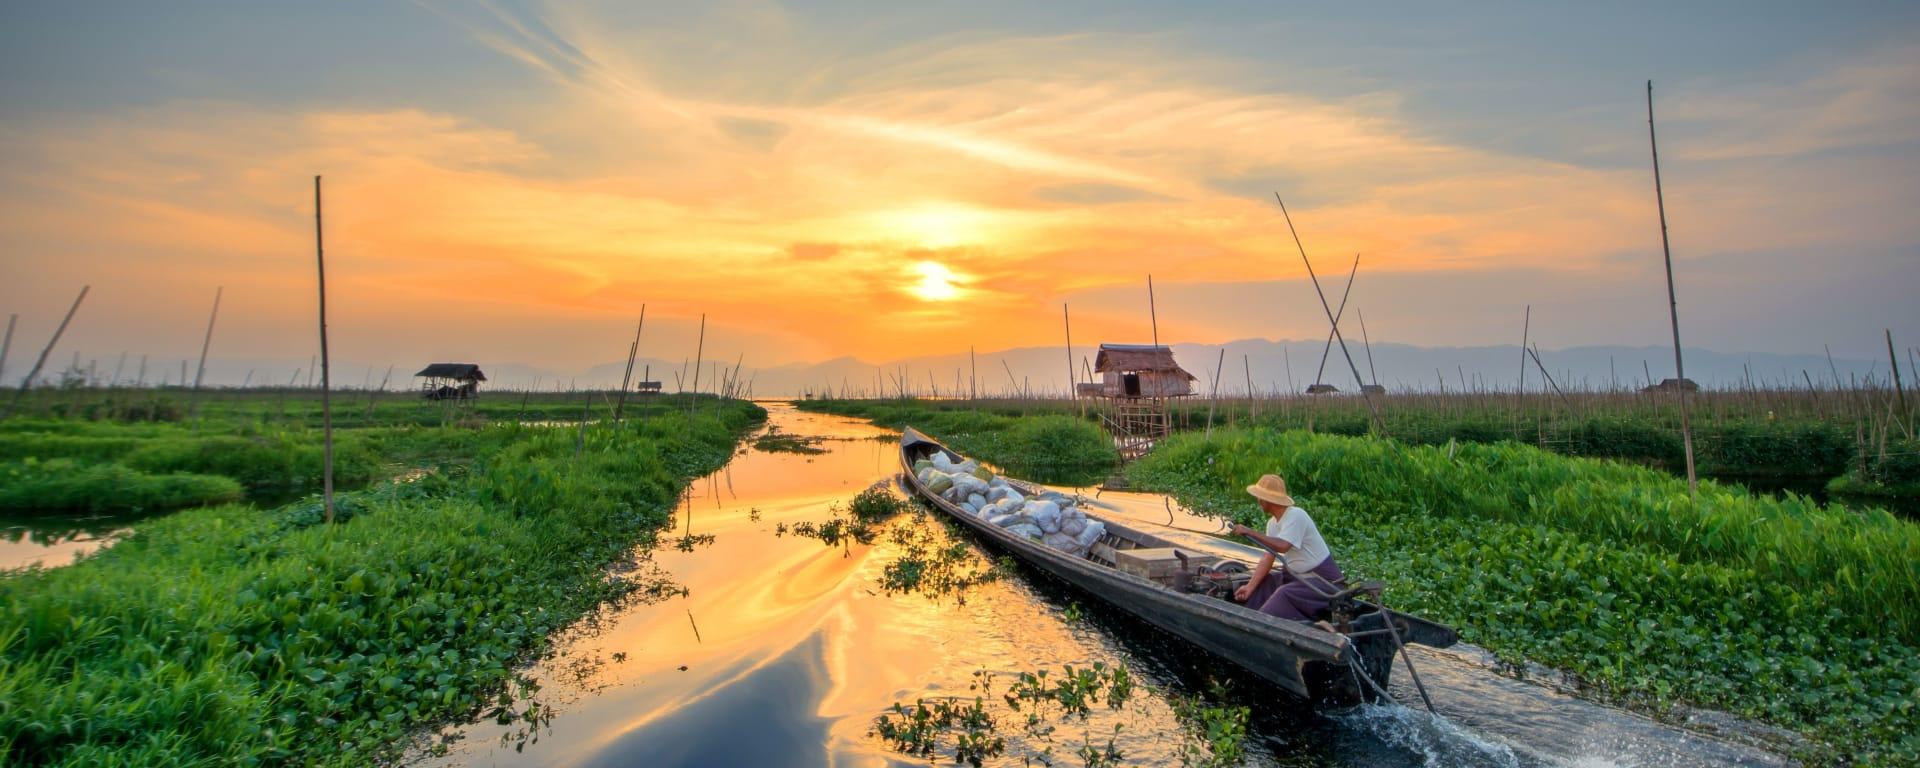 Myanmar entdecken mit Tischler Reisen: Myanmar Inle See Fischer Sonnenuntergang